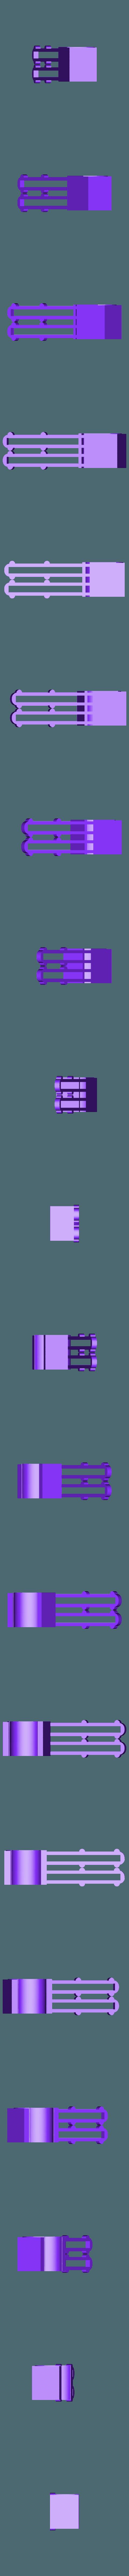 Cuelga medias_mini.stl Télécharger fichier STL gratuit Chaussettes Holder • Plan imprimable en 3D, Blop3D